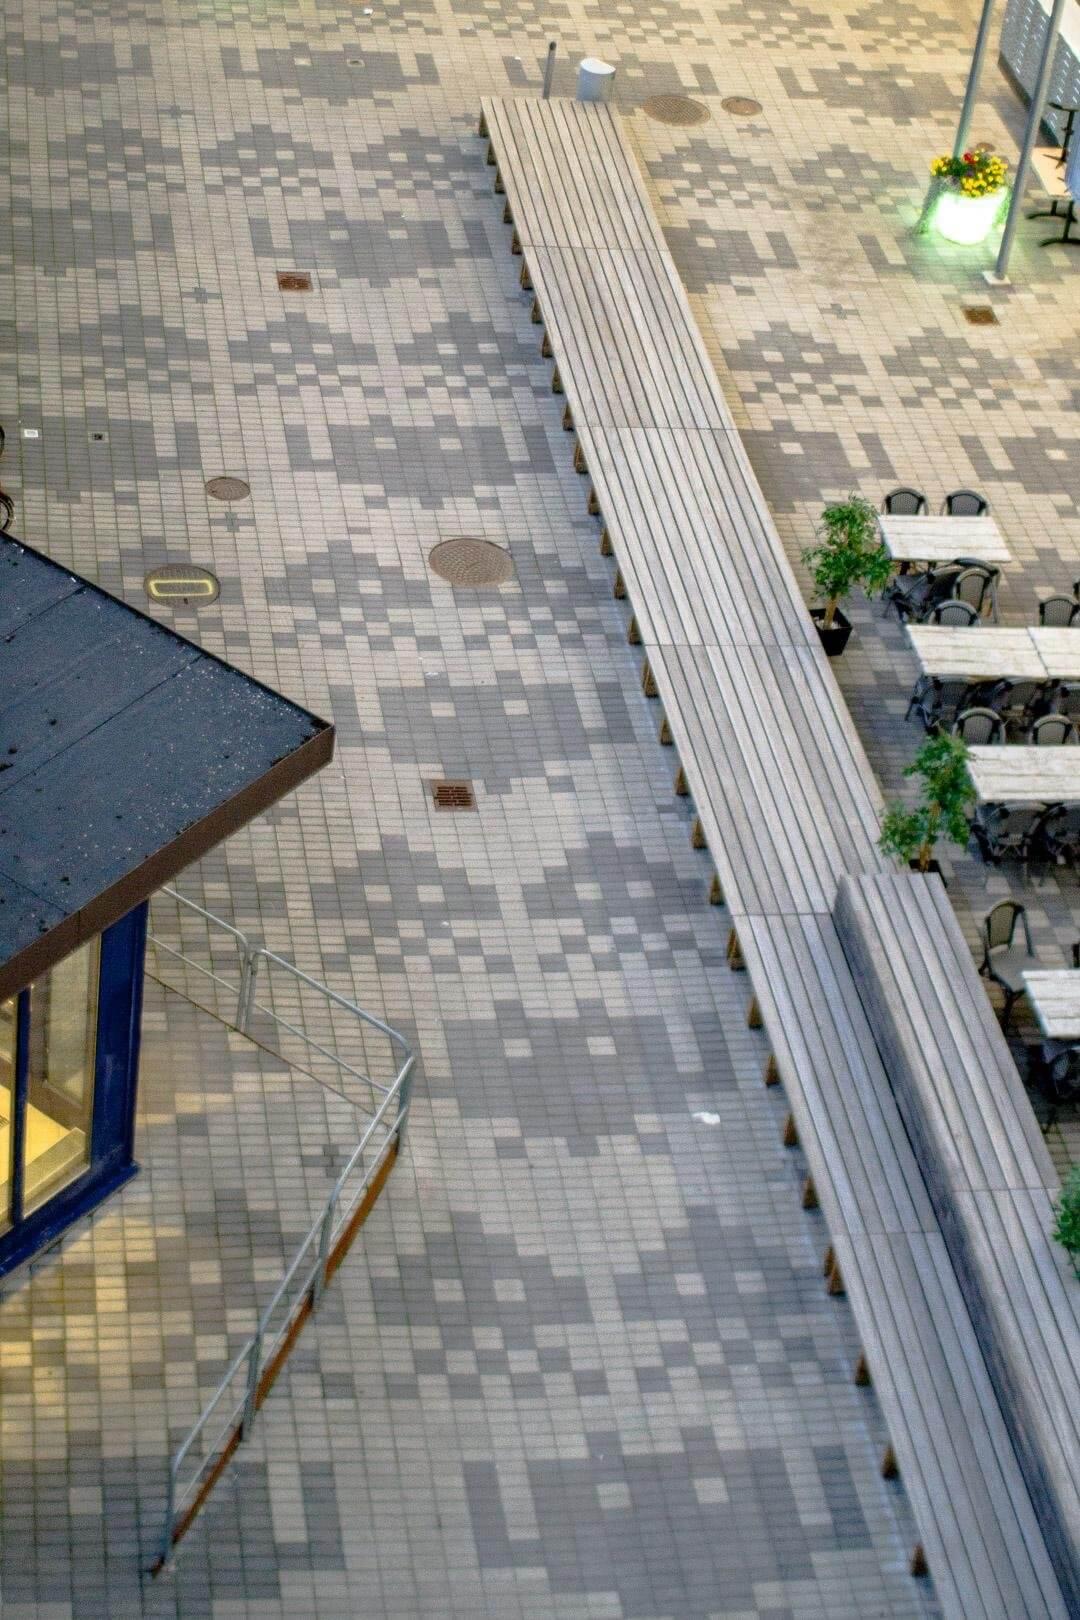 Bilderparade DXV LangweileDich.net_Bilderparade_DXV_65